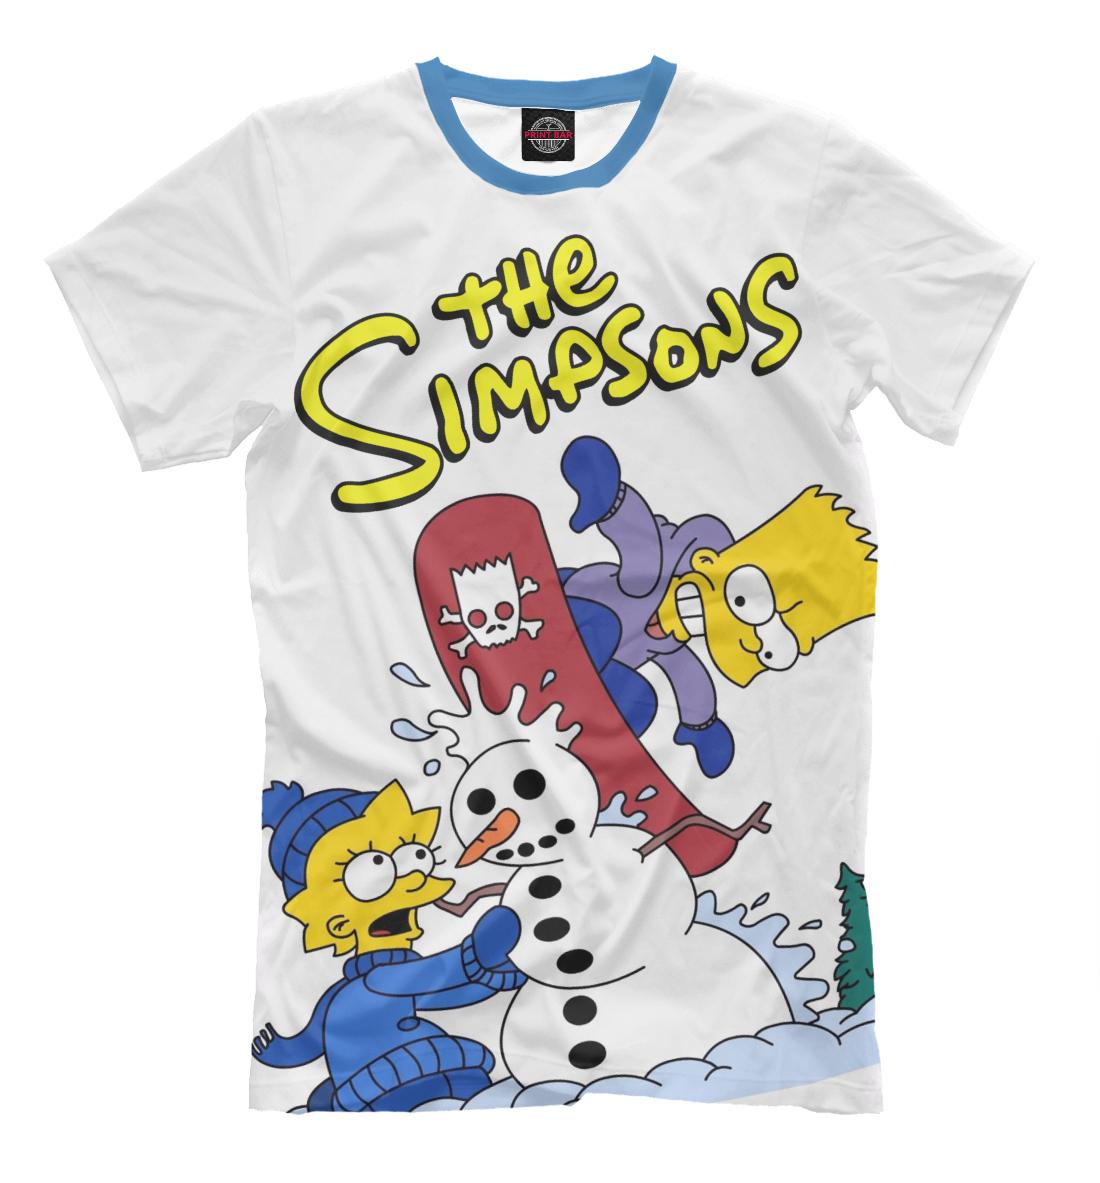 Купить Симпсоны, Printbar, Футболки, SIM-815992-fut-2